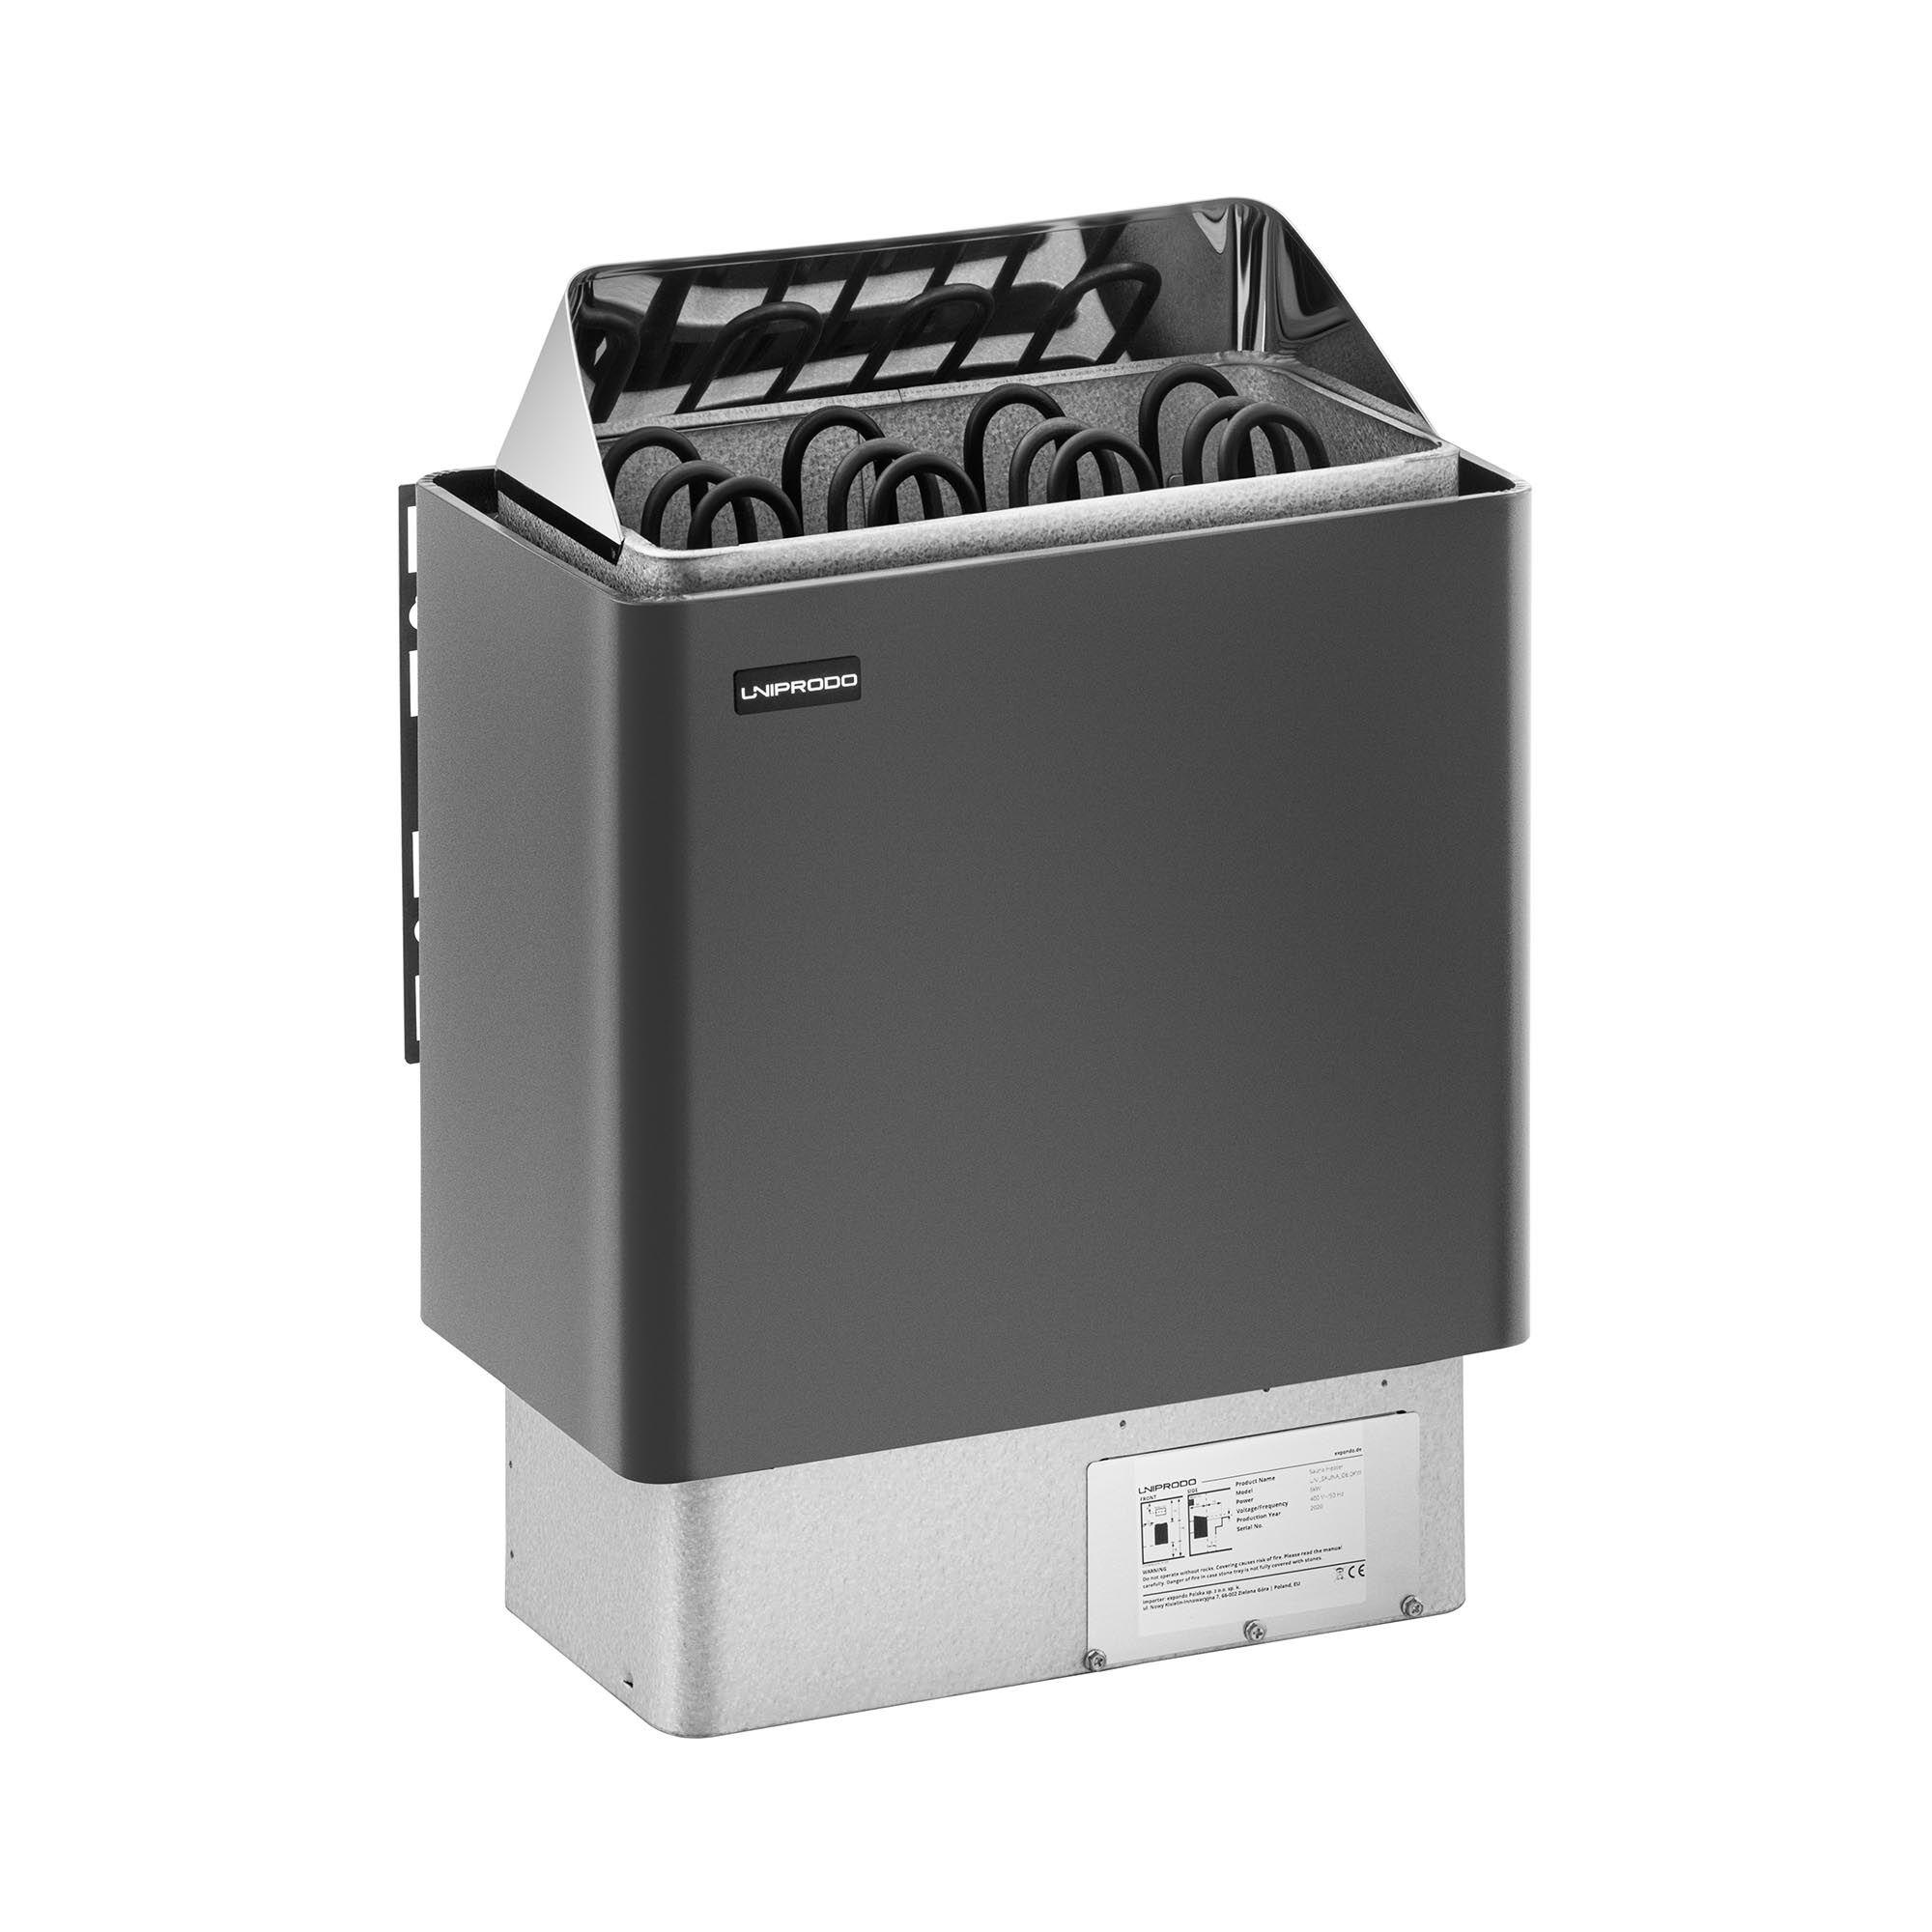 Uniprodo Stufa elettrica per sauna - 6 kW - da 30 a 110 °C UNI_SAUNA_G6.0KW